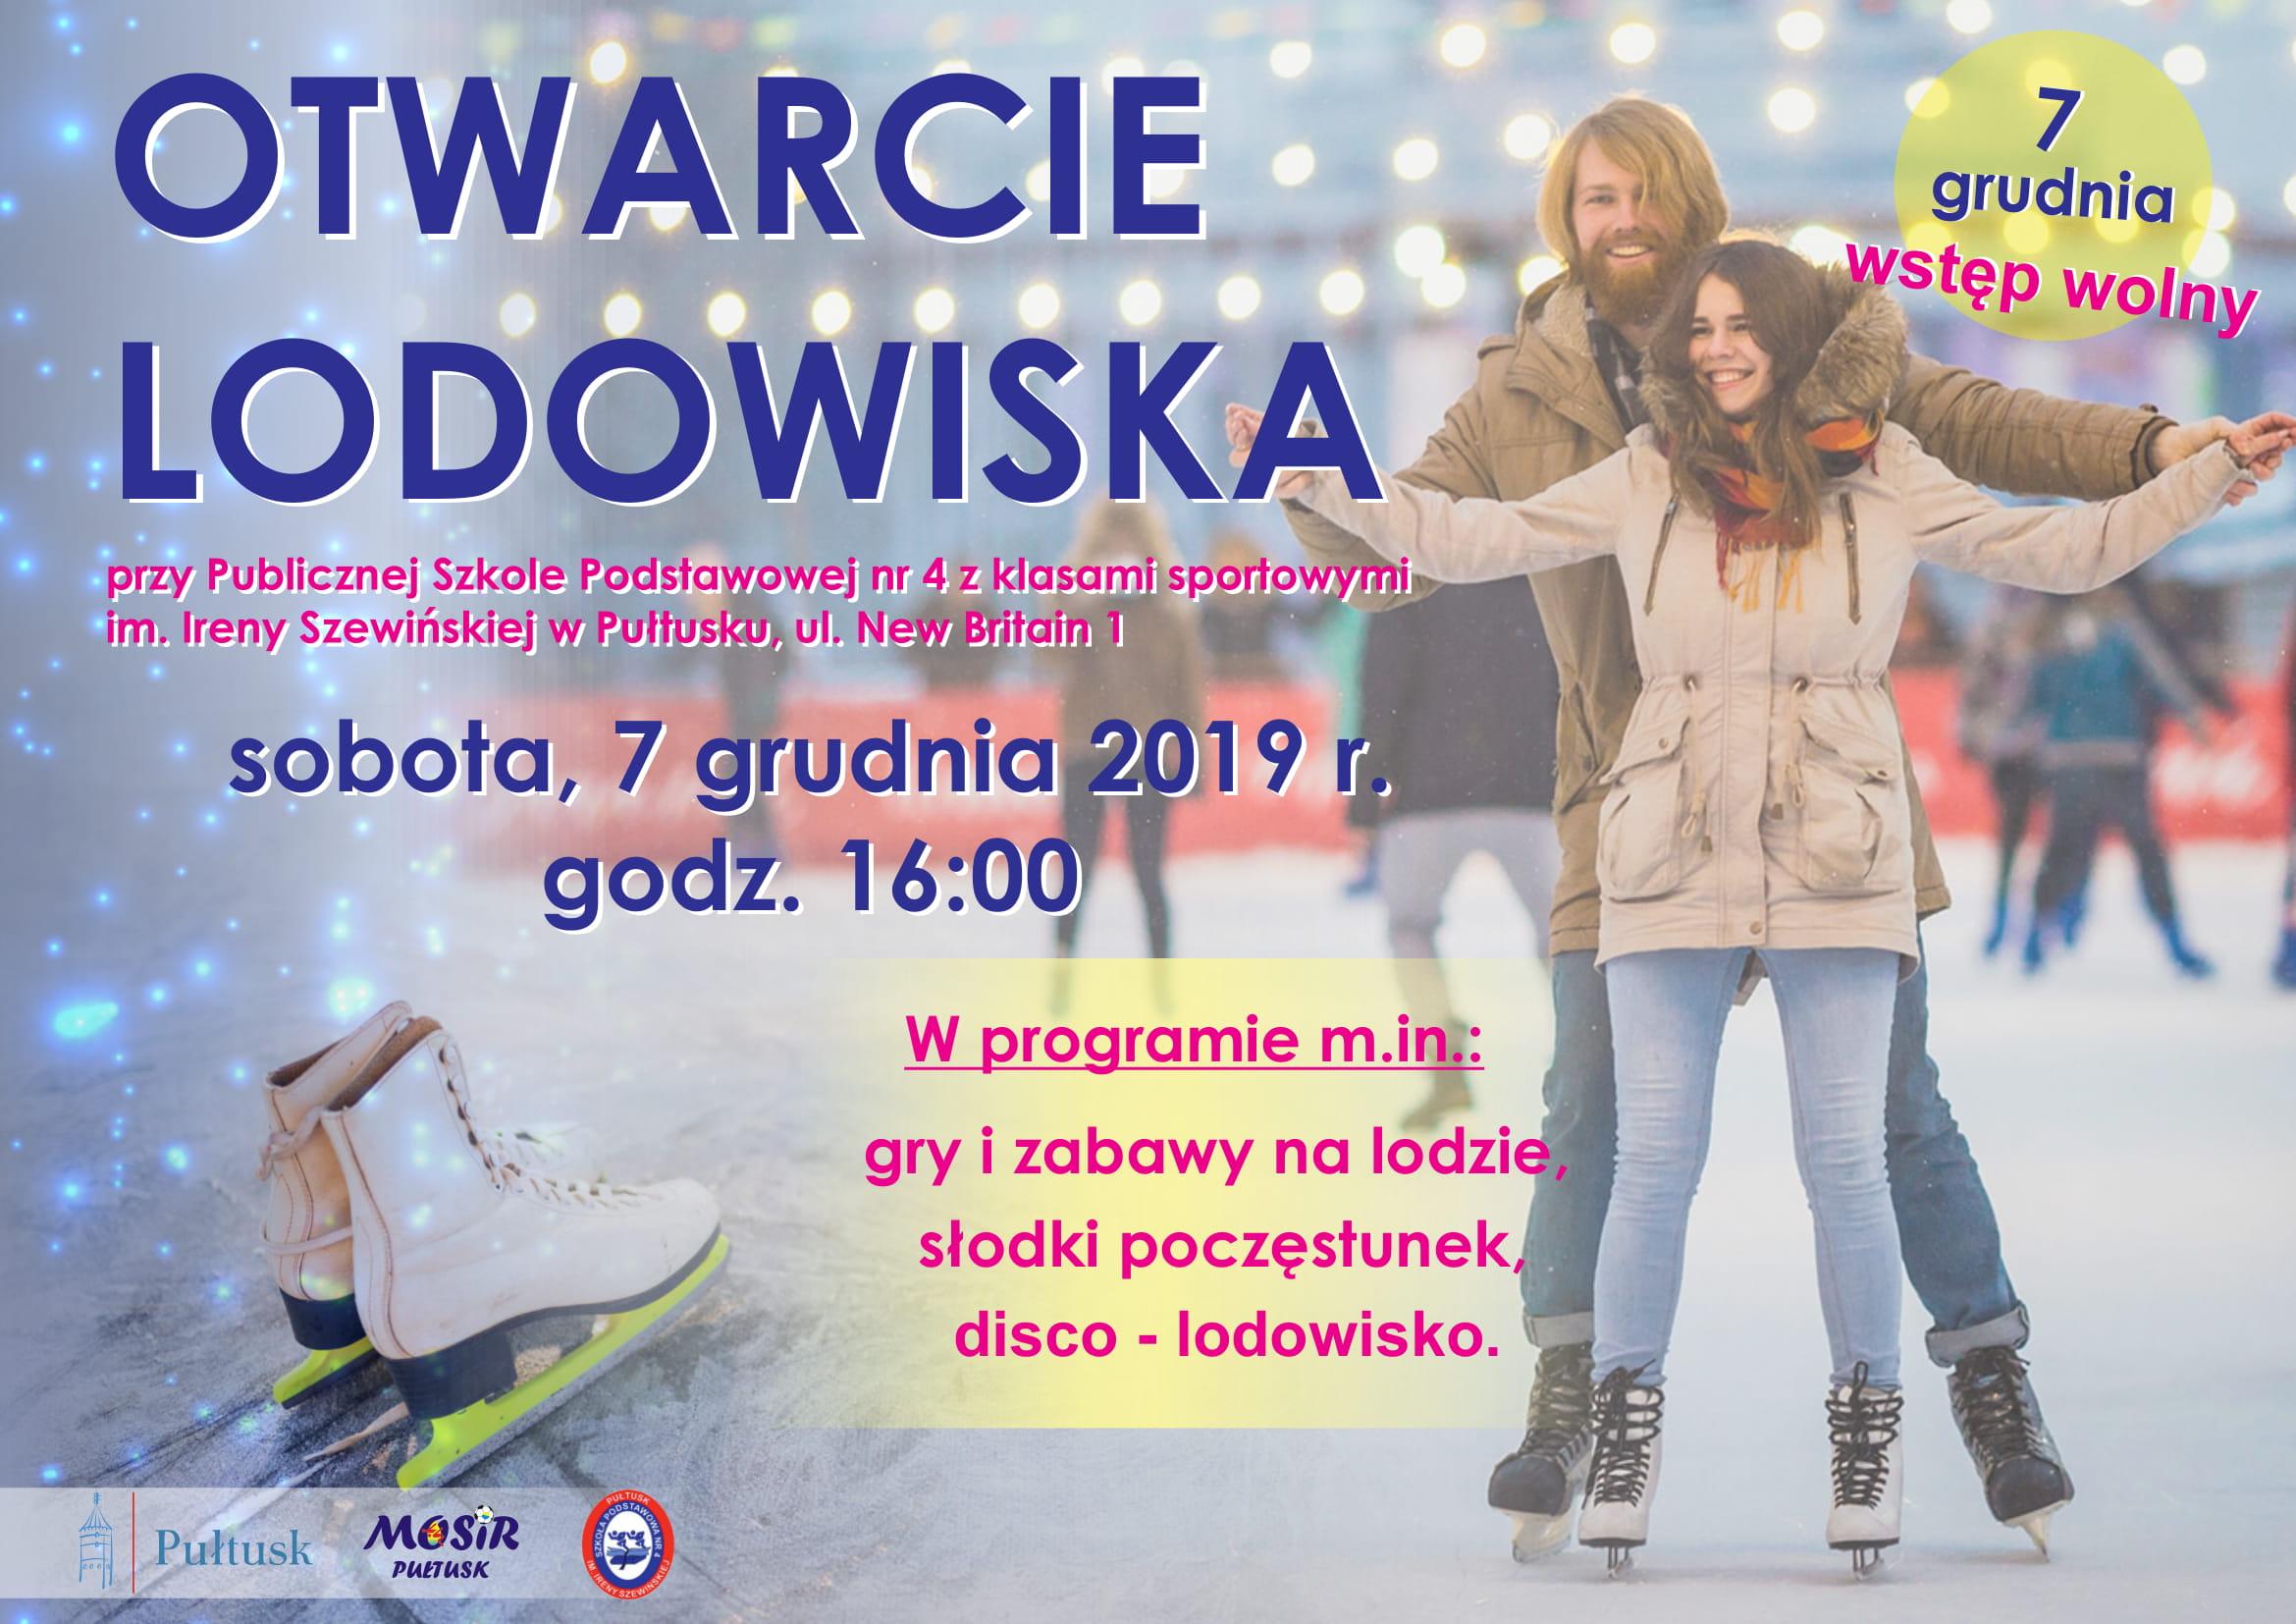 Plakat na otwarcie lodowiska